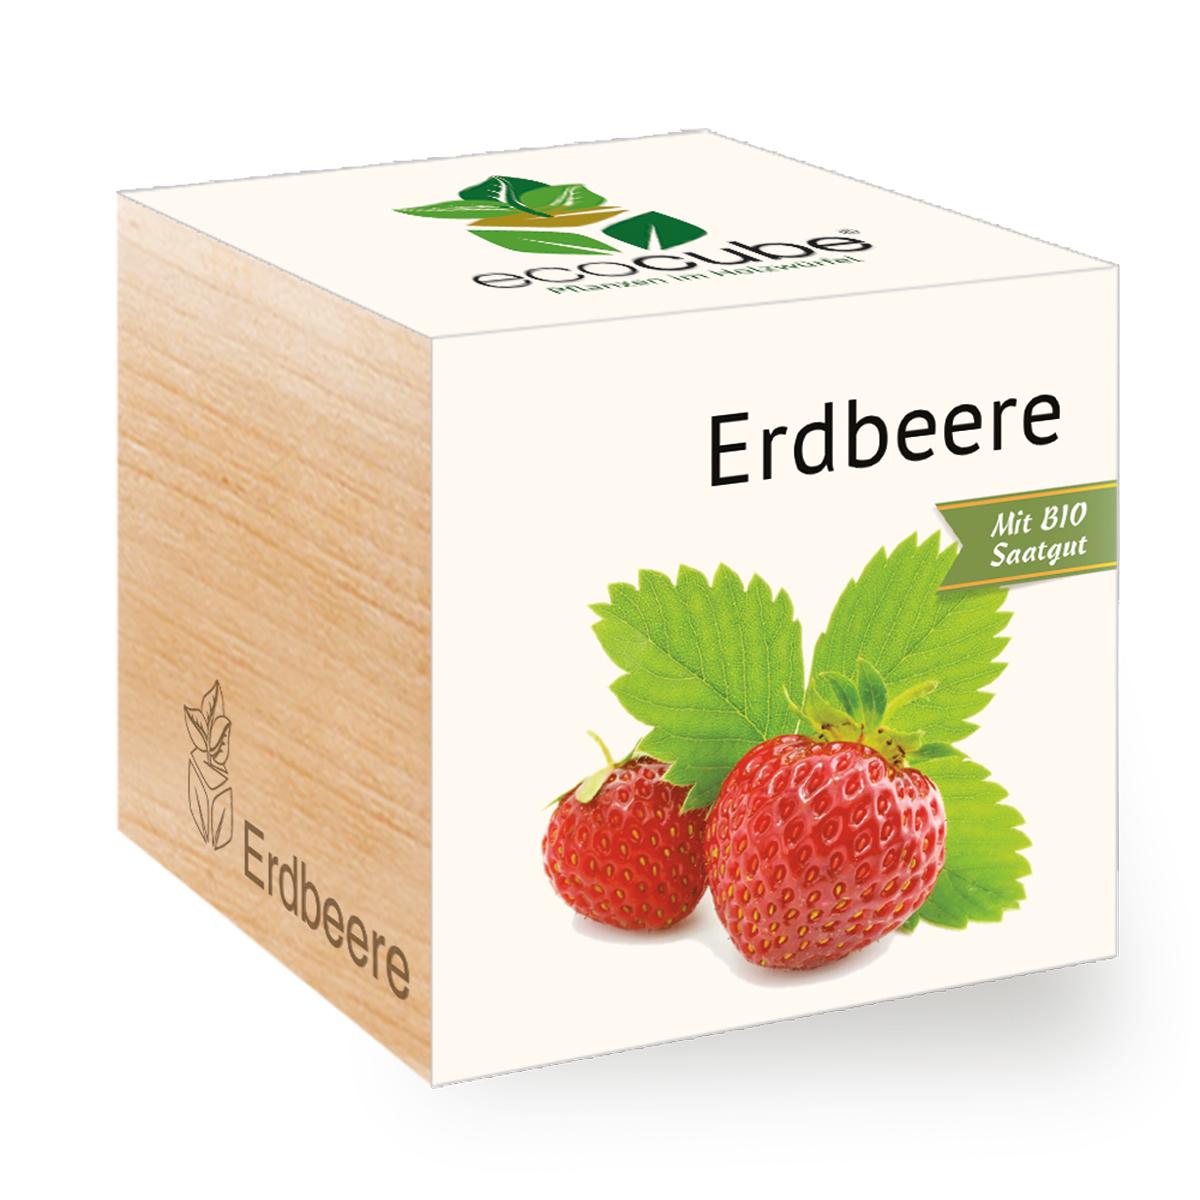 Erdbeere im Holzwürfel von Ecocube